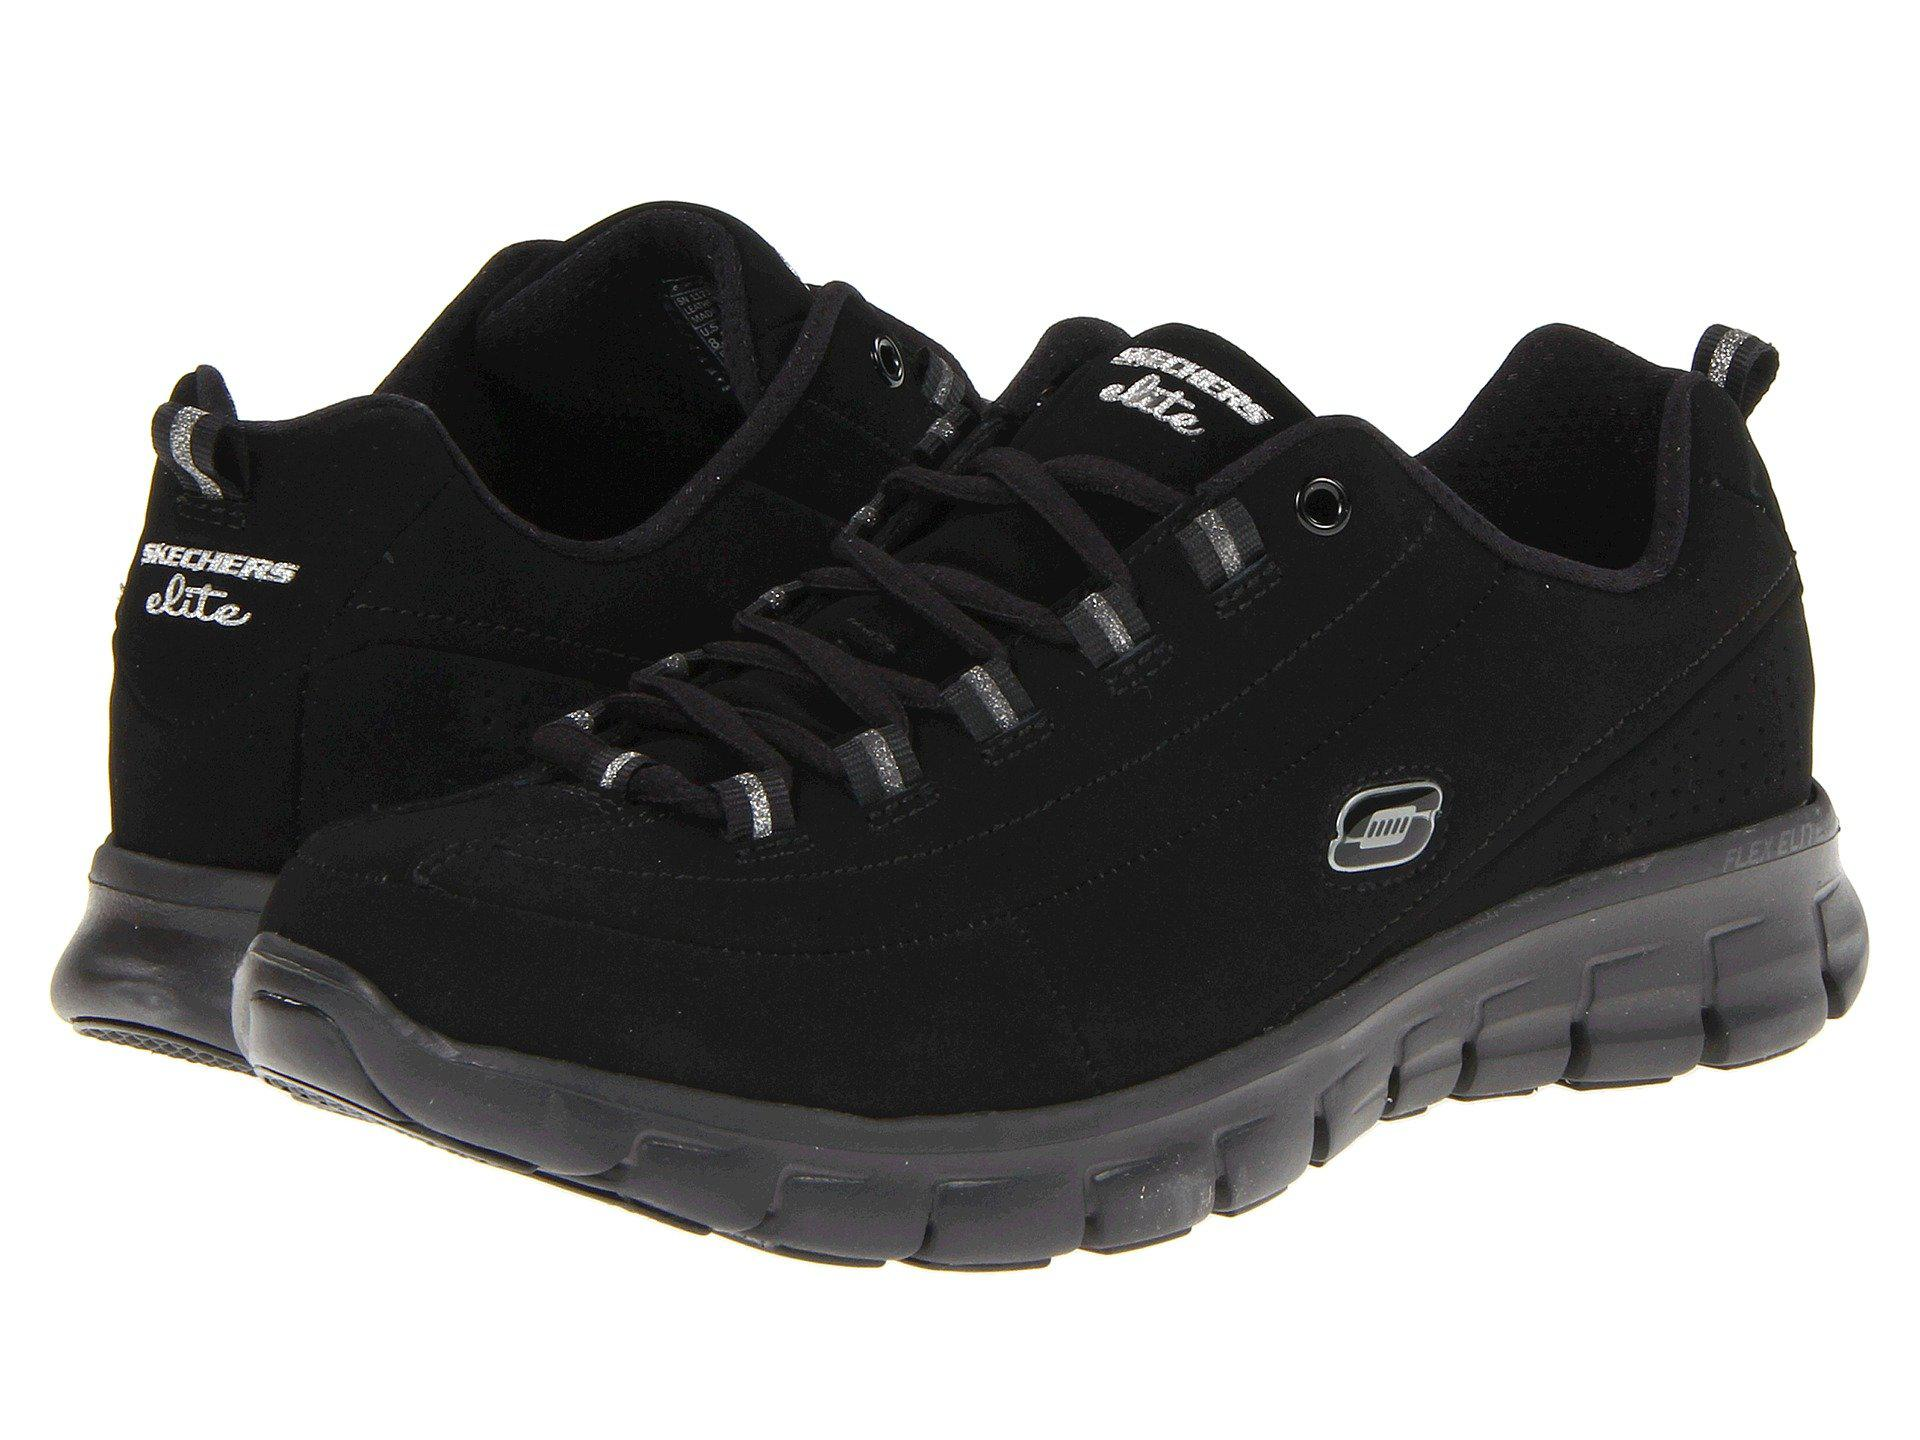 bc3b597e5ff1 Lyst - Skechers Trend Setter in Black